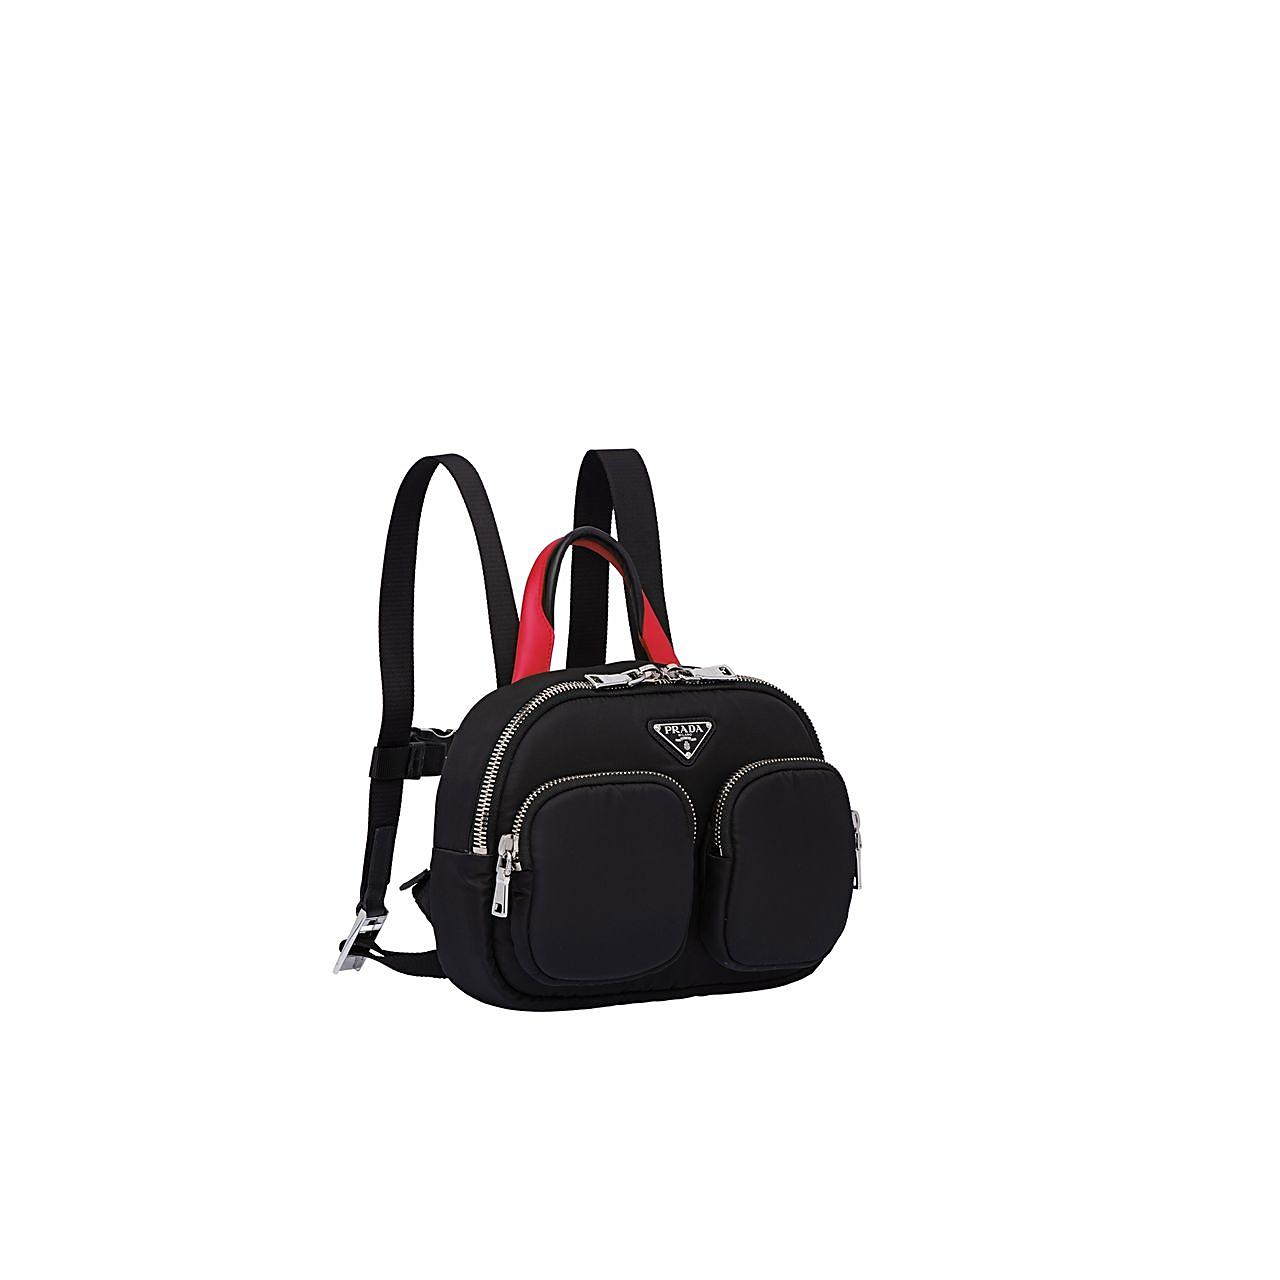 Cargo系列尼龍後背包,48,500元。圖/PRADA提供